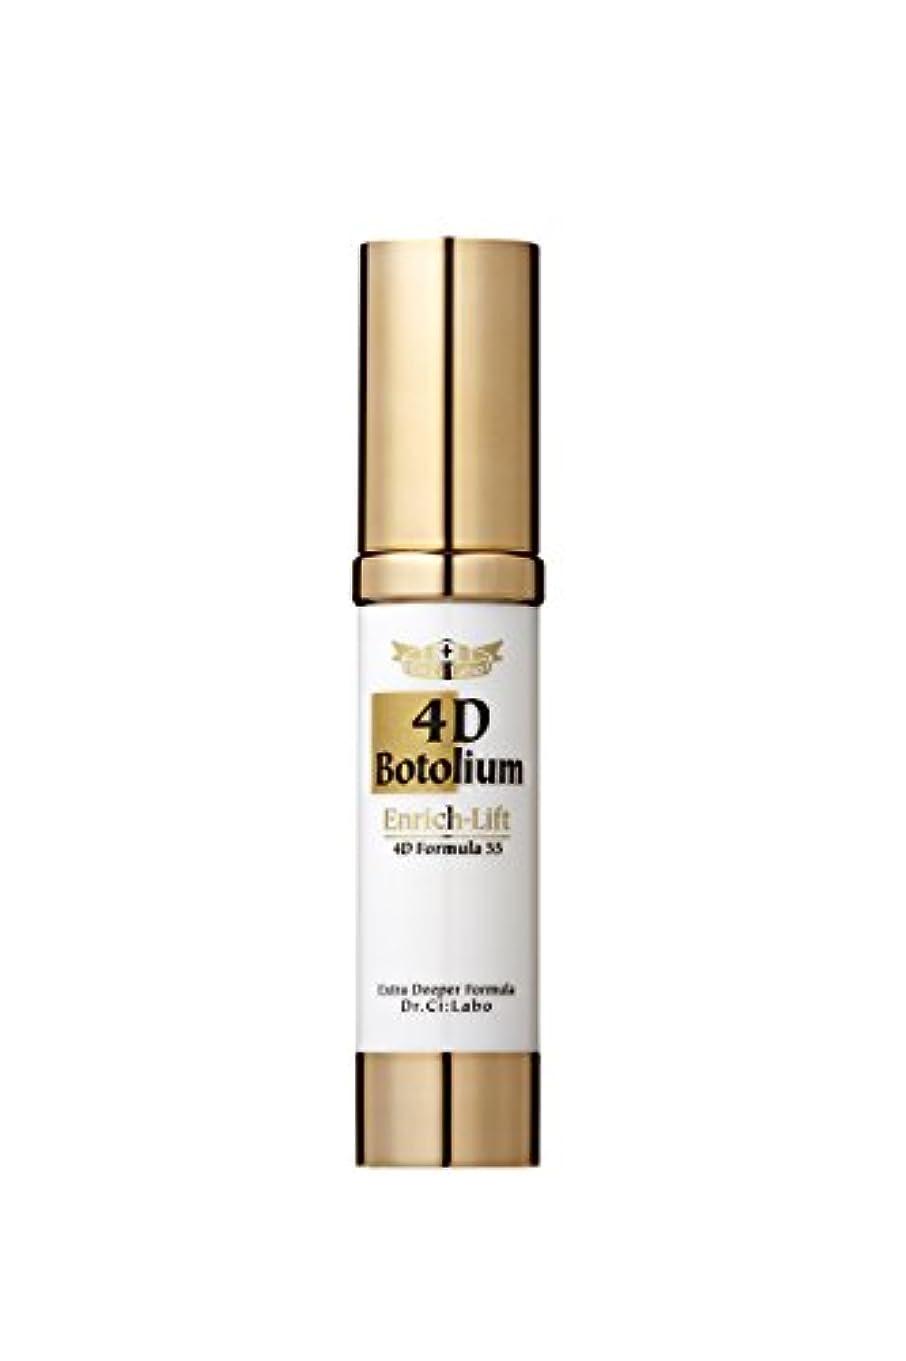 ドクターシーラボ 4Dボトリウム エンリッチ リフト 美容液 18g